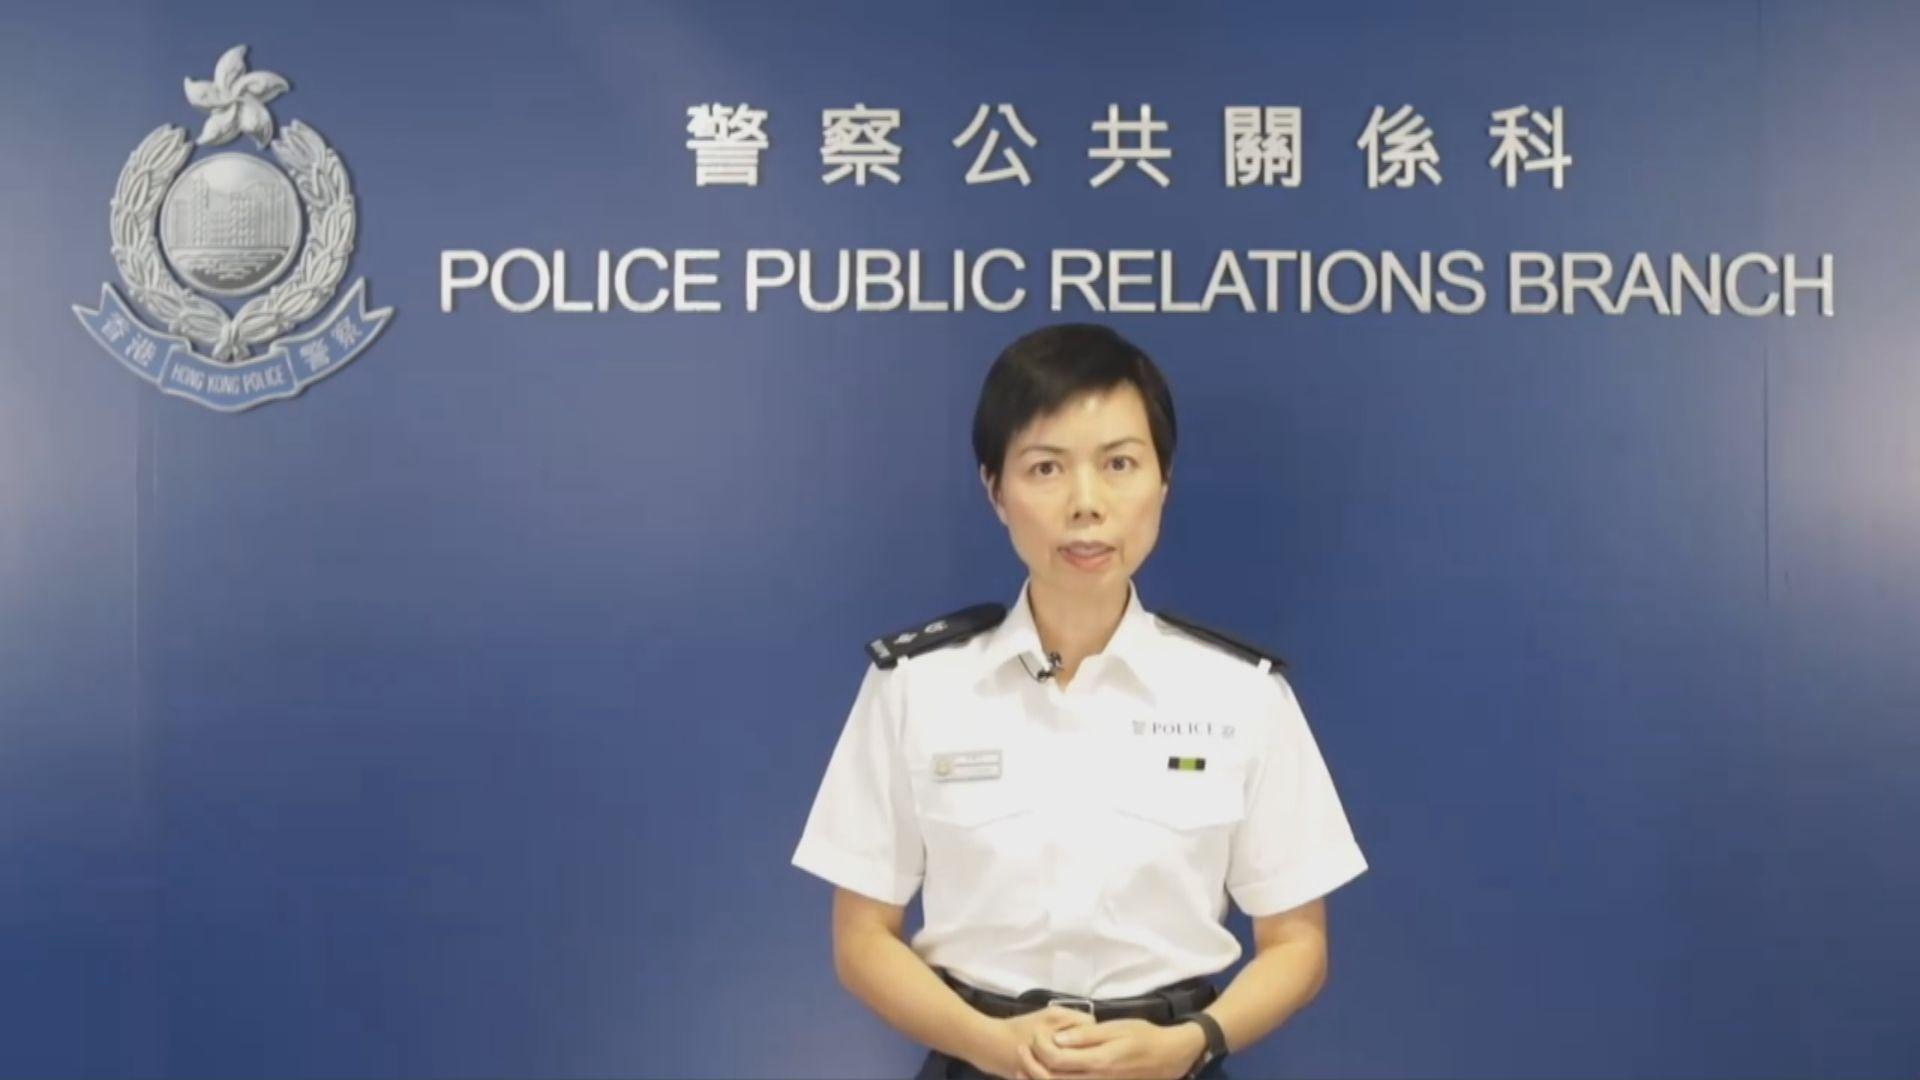 警方:荃灣警員生命受嚴重威脅故開槍